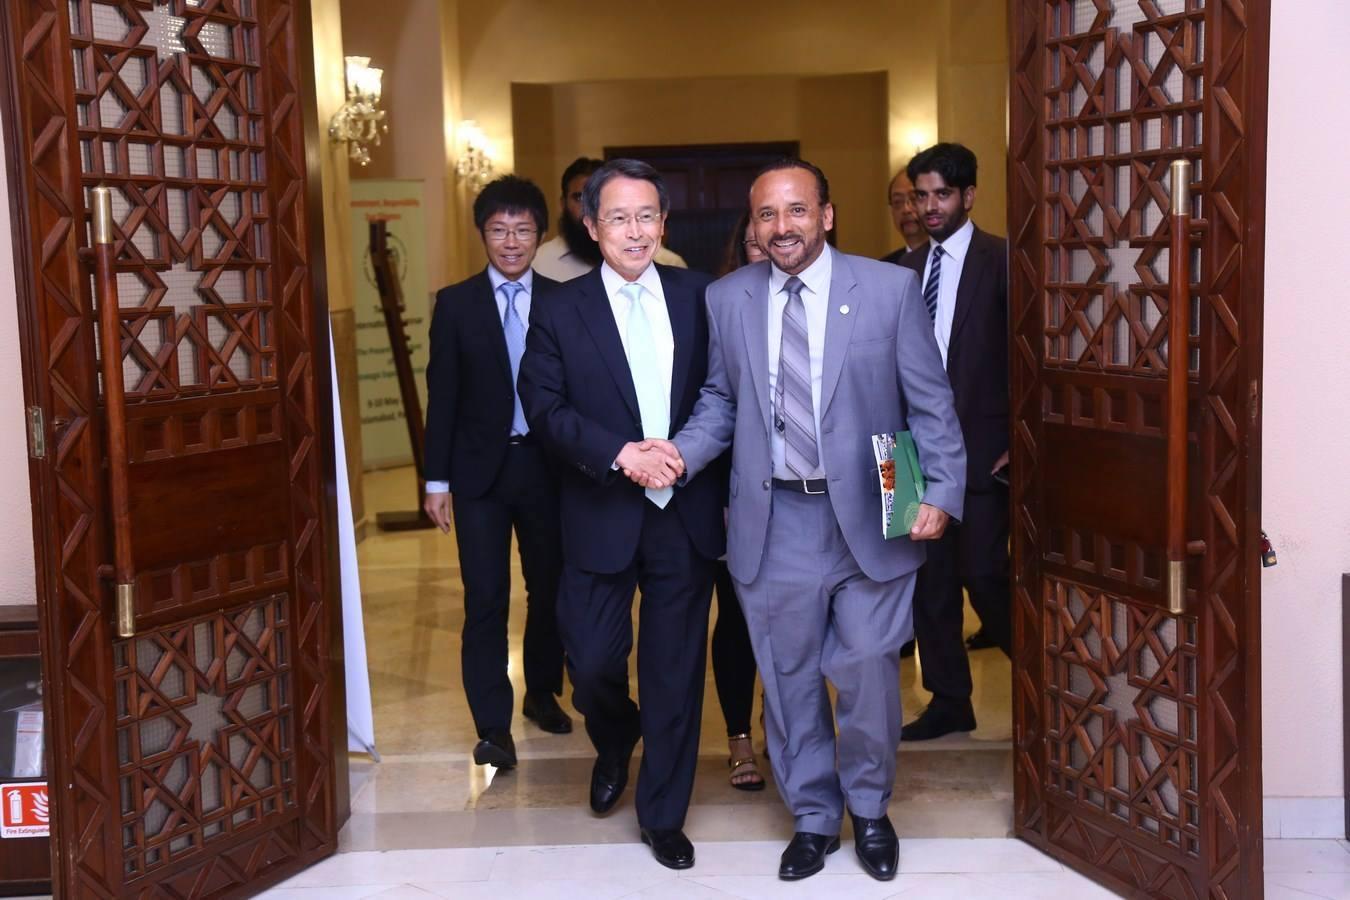 جاپان کی جانب سے پاکستان میں قومی حدود سے بالا سیکیورٹی مضبوط کرنے کے منصوبوں کے لیے سرمائے کی فراہمی